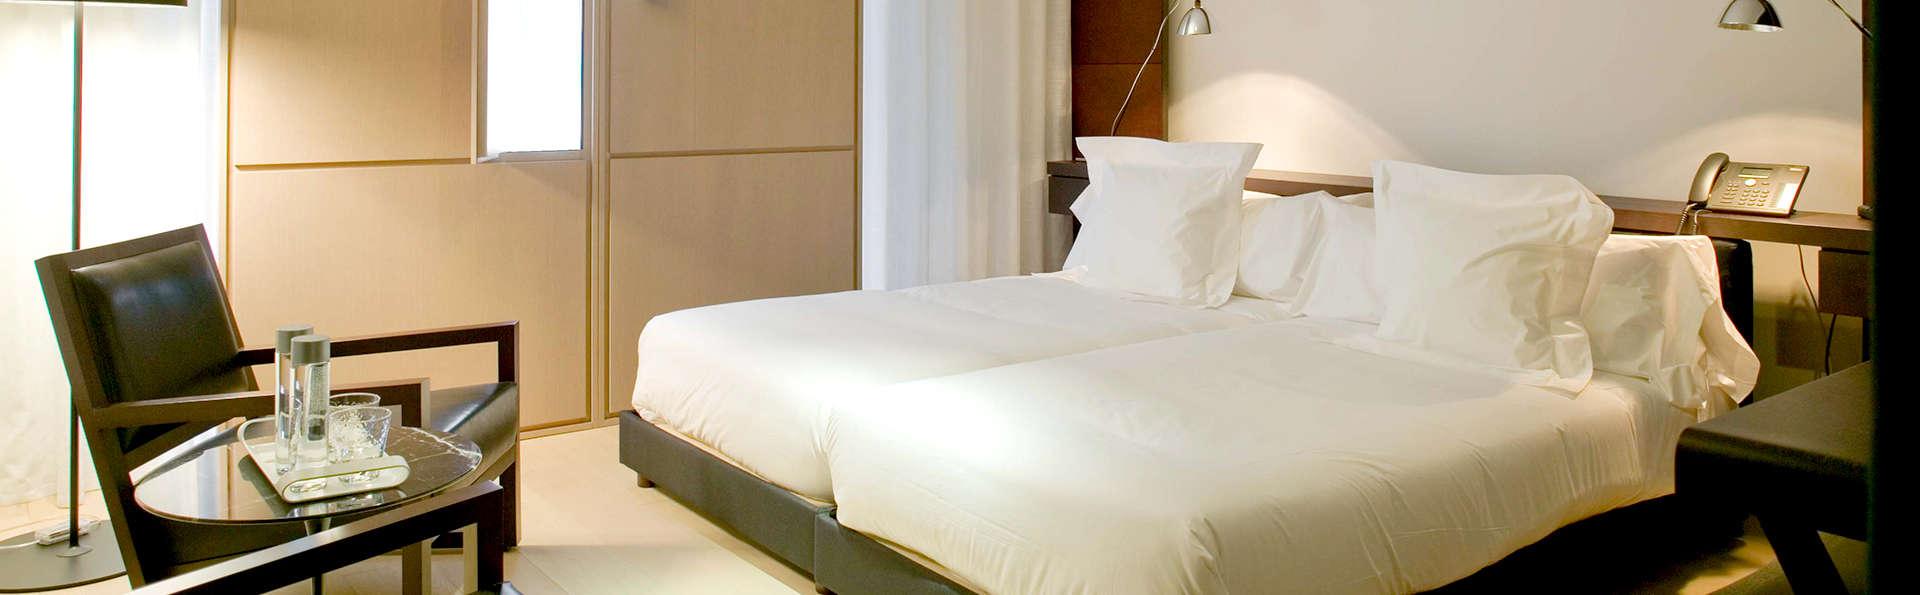 Offre exclusive : Charme, luxe et design dans la capitale de l'Alt Penedès